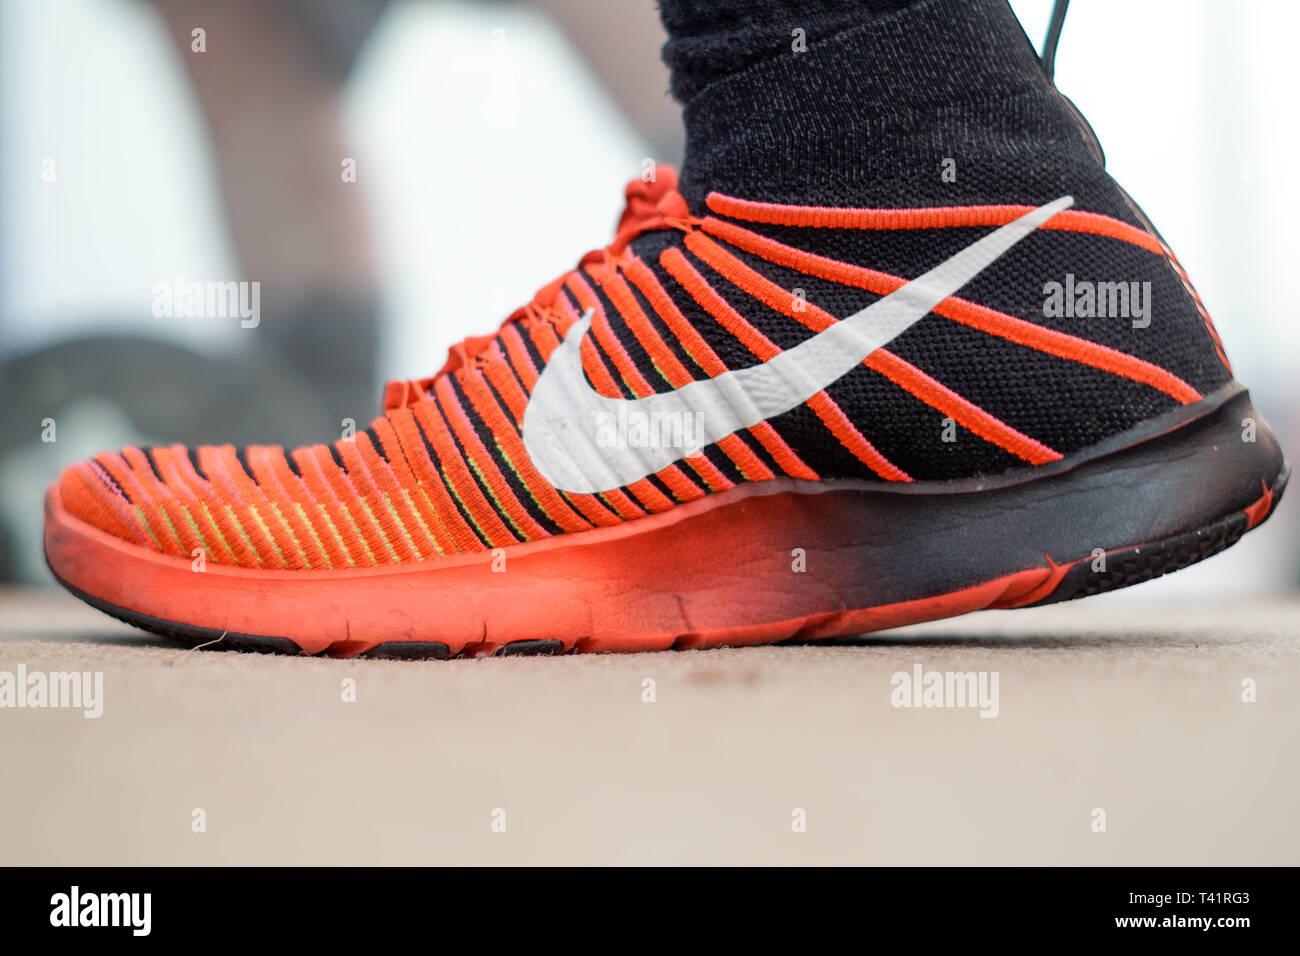 c91ee25e0d2 Nike Basketball Shoes Stock Photos & Nike Basketball Shoes Stock ...